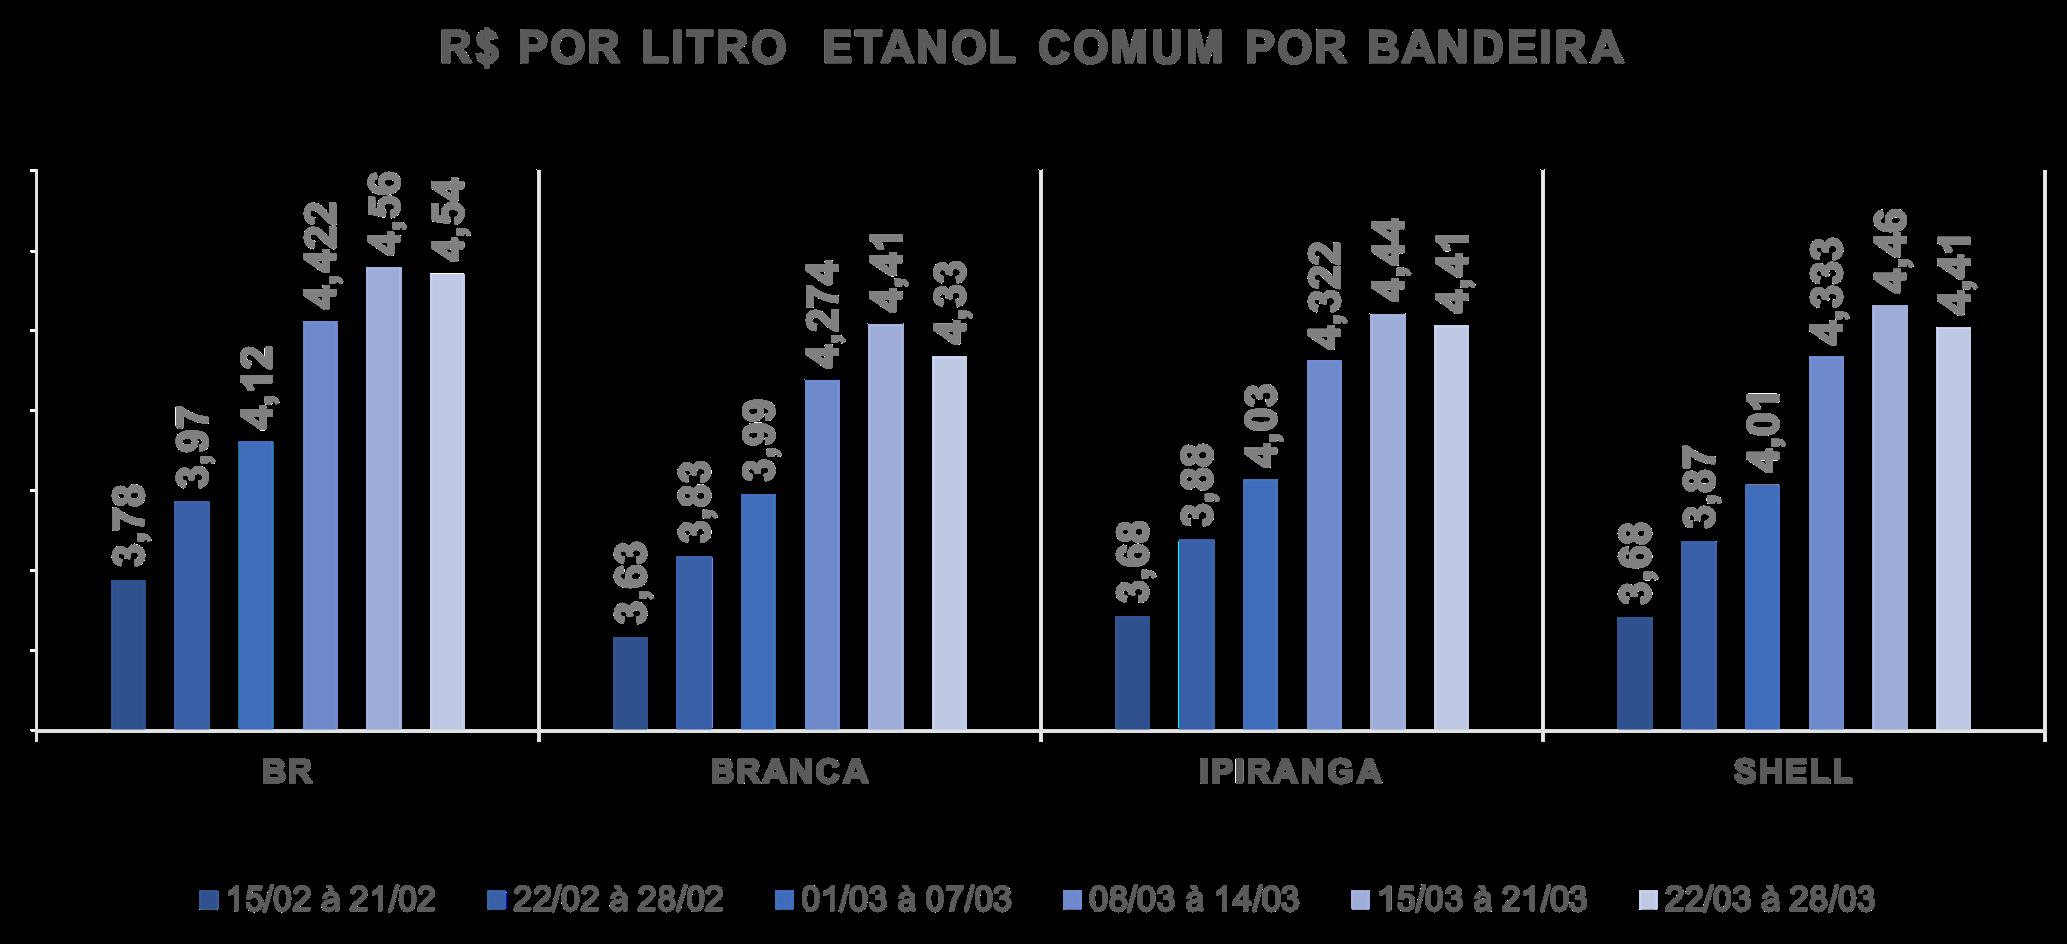 Tabela com o preço por litro de Etanol Comum por bandeira